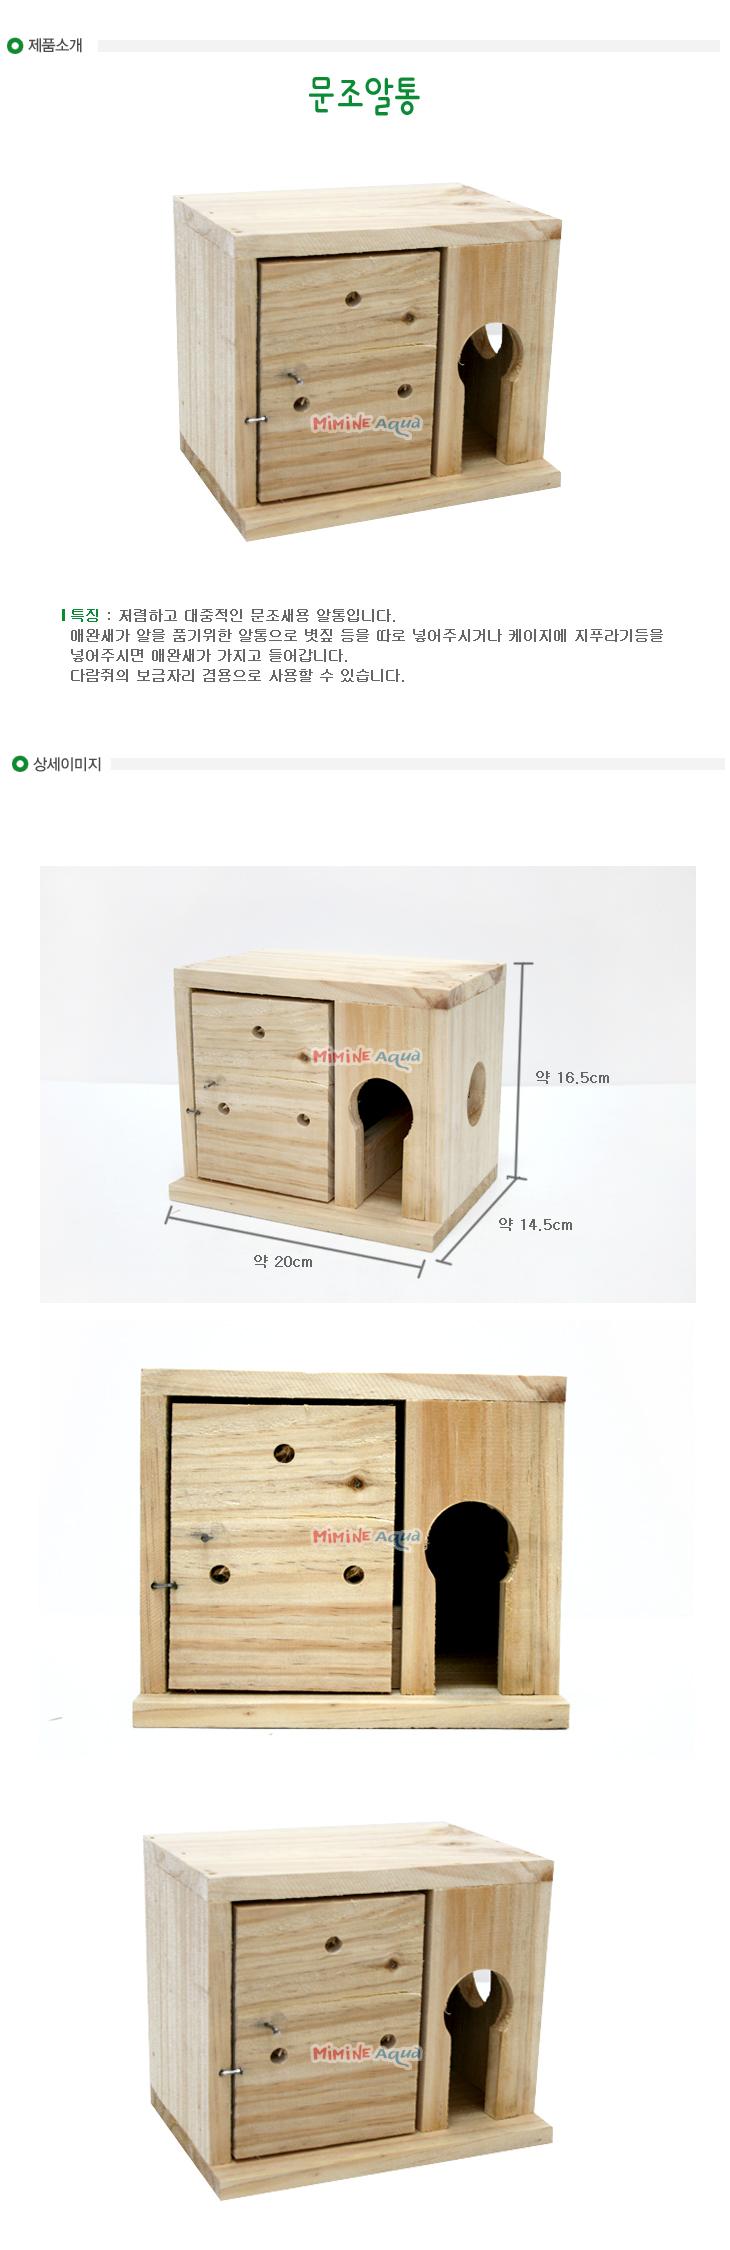 문조알통 - (새부화 새알통) - 미미네아쿠아, 7,000원, 조류용품, 모이통/둥지